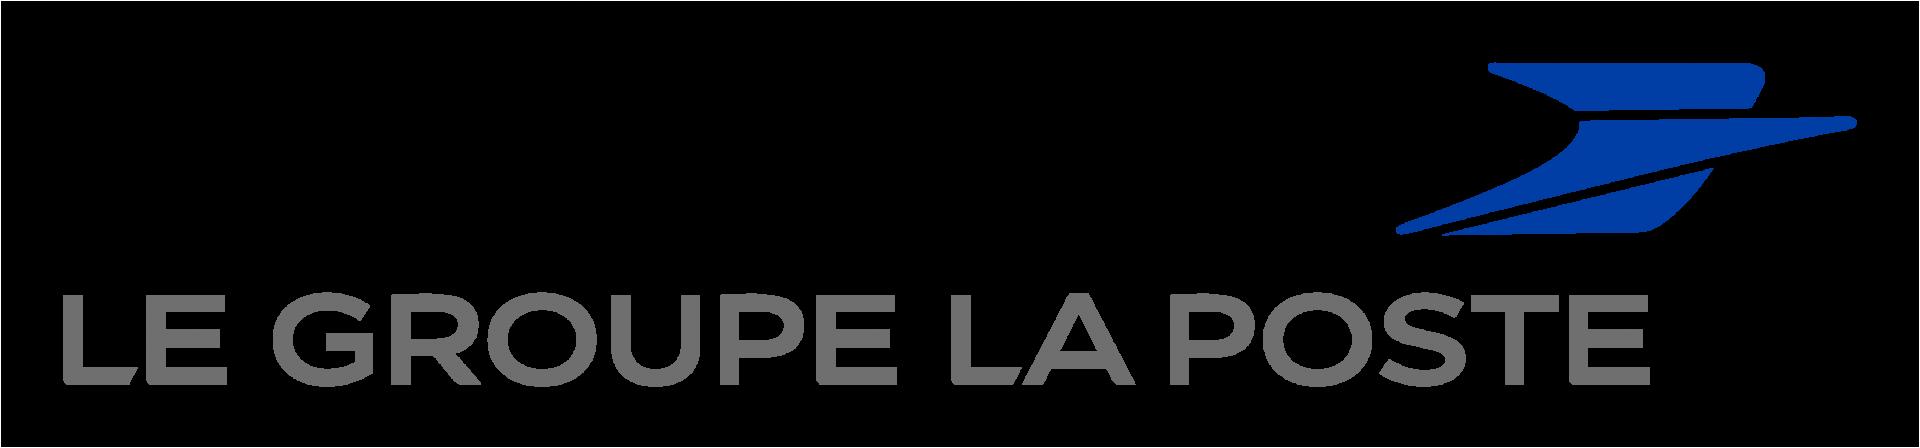 Logoglp 1l rvb lp oct2018 1